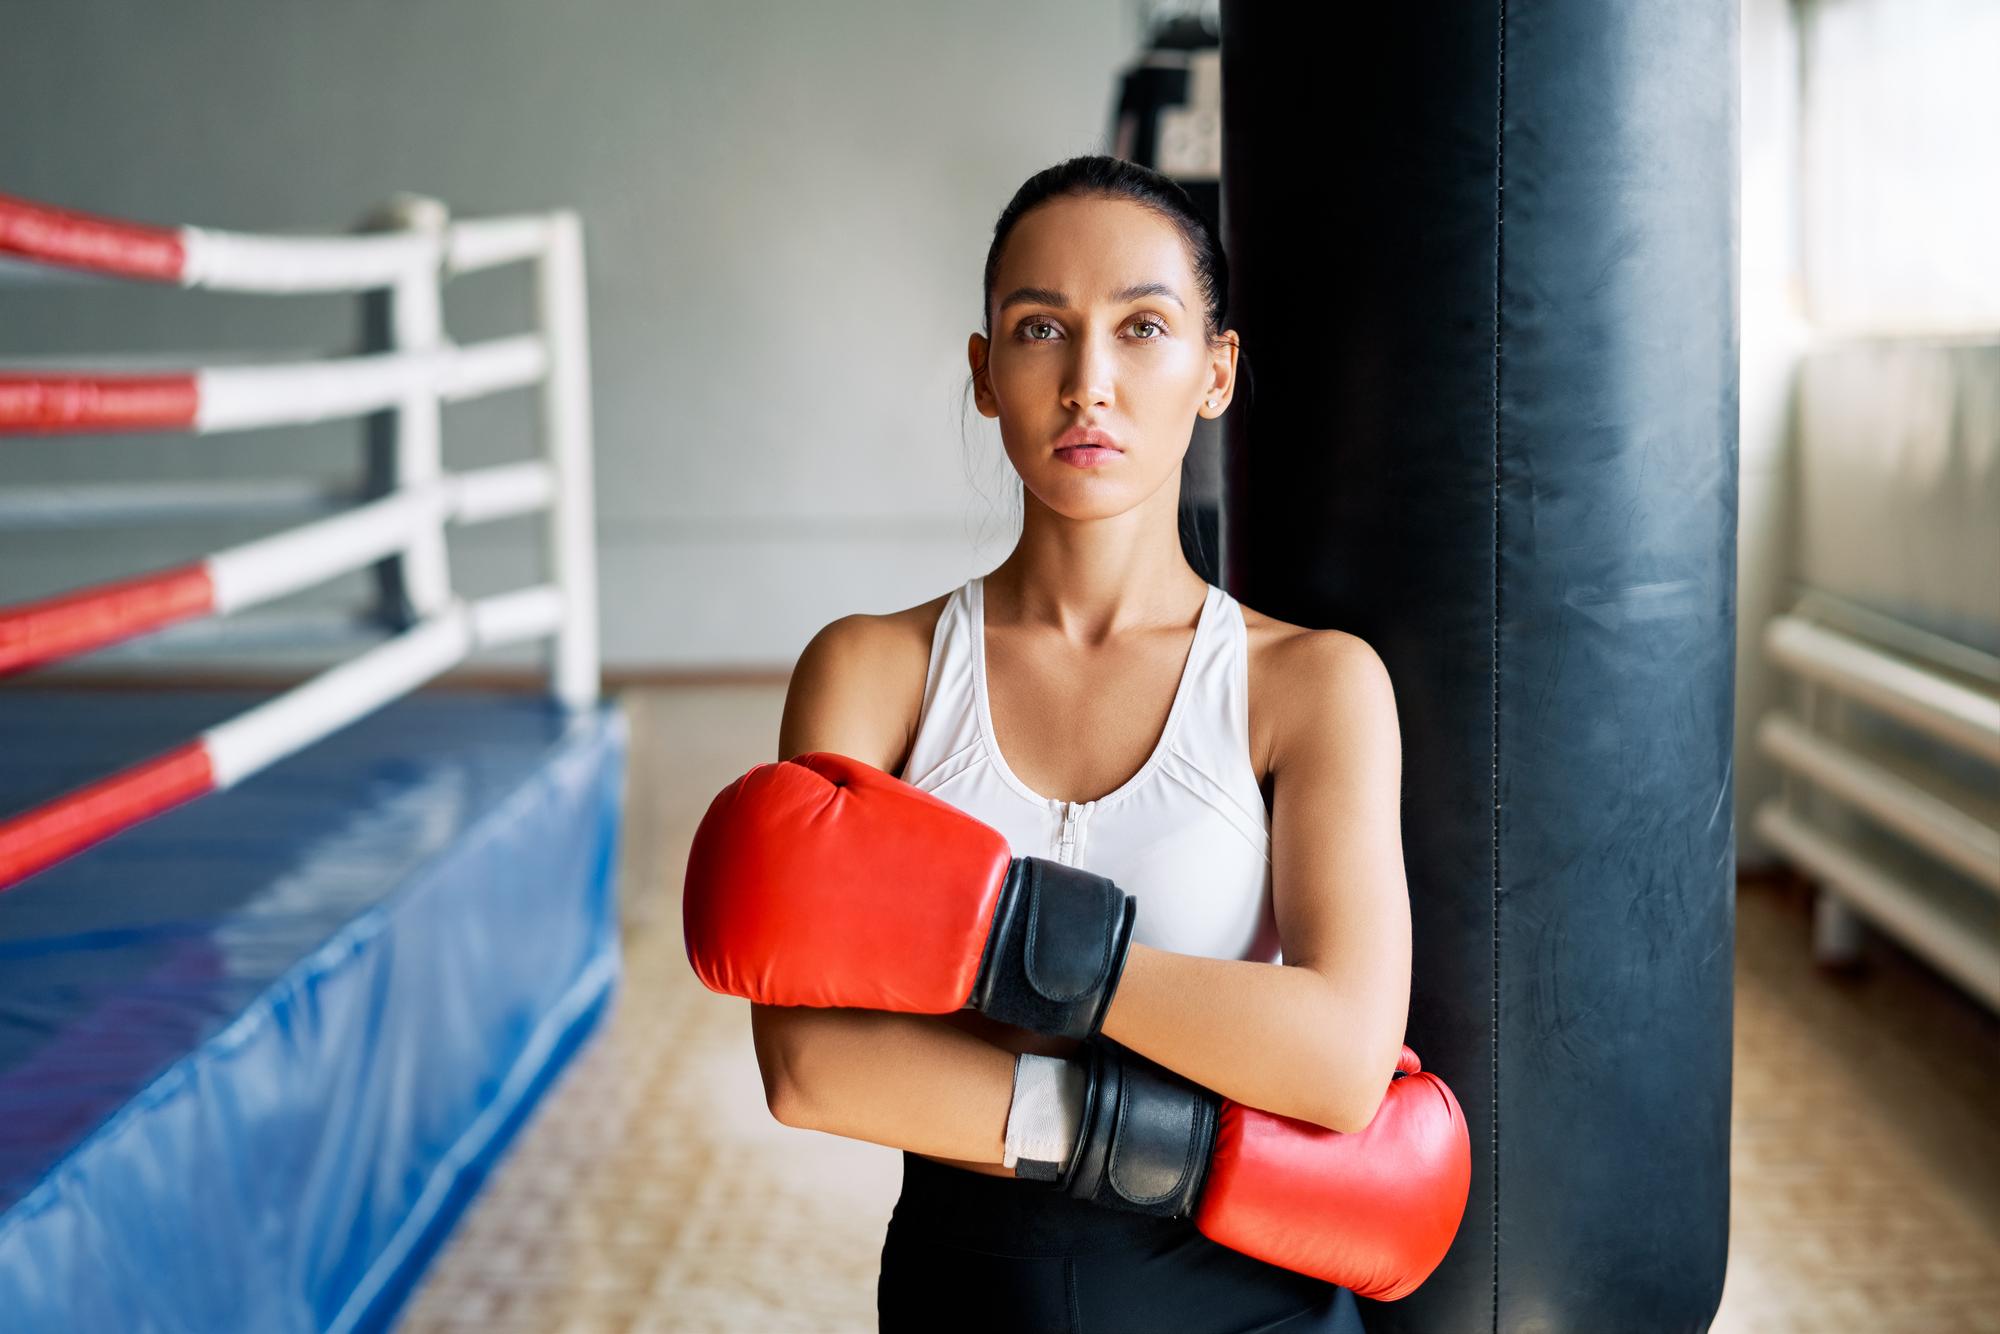 自分に最適なボクシングジムを探すためにまずは体験してみよう!